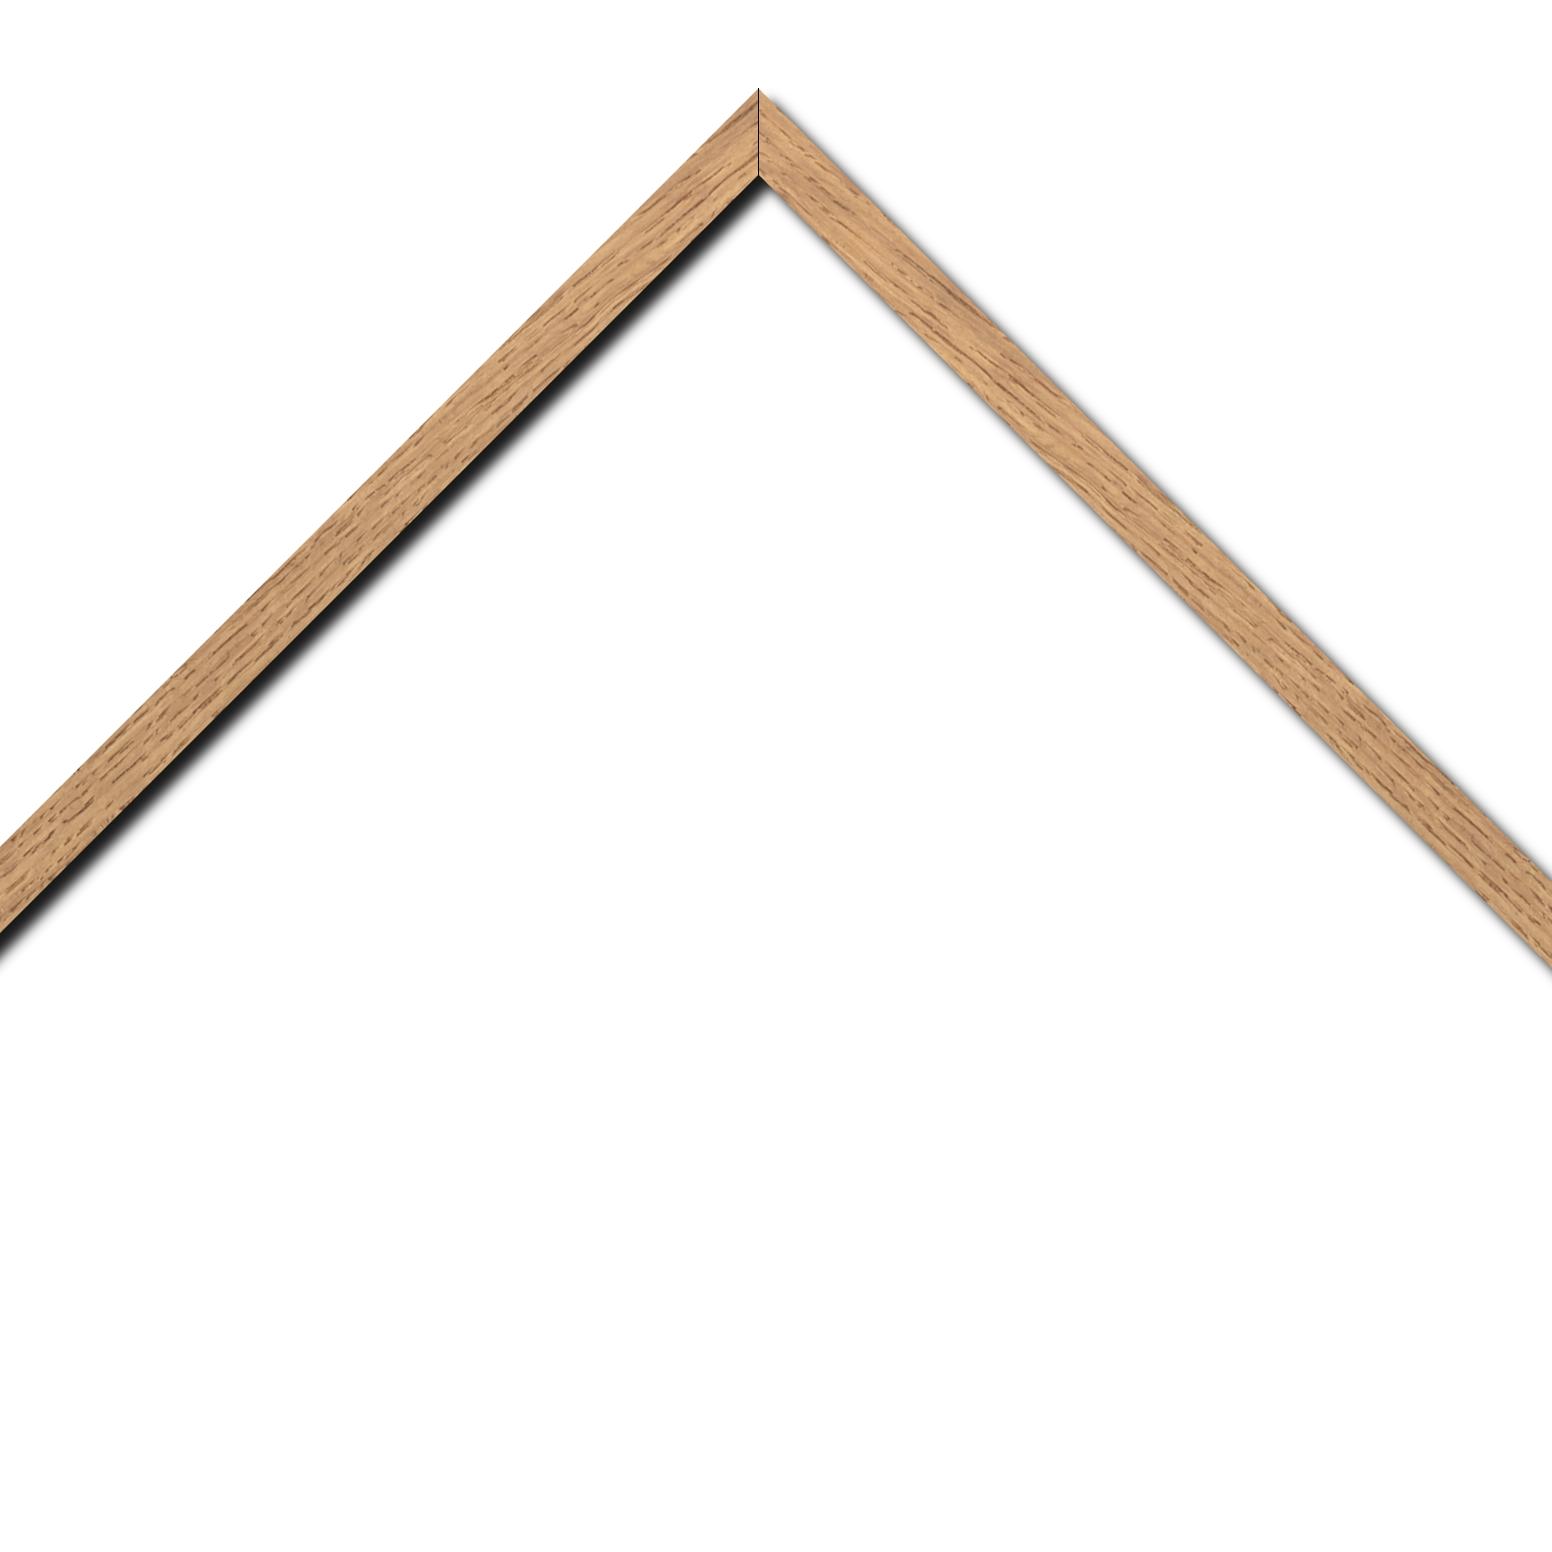 Baguette bois profil plat largeur 1.5cm chene massif naturel